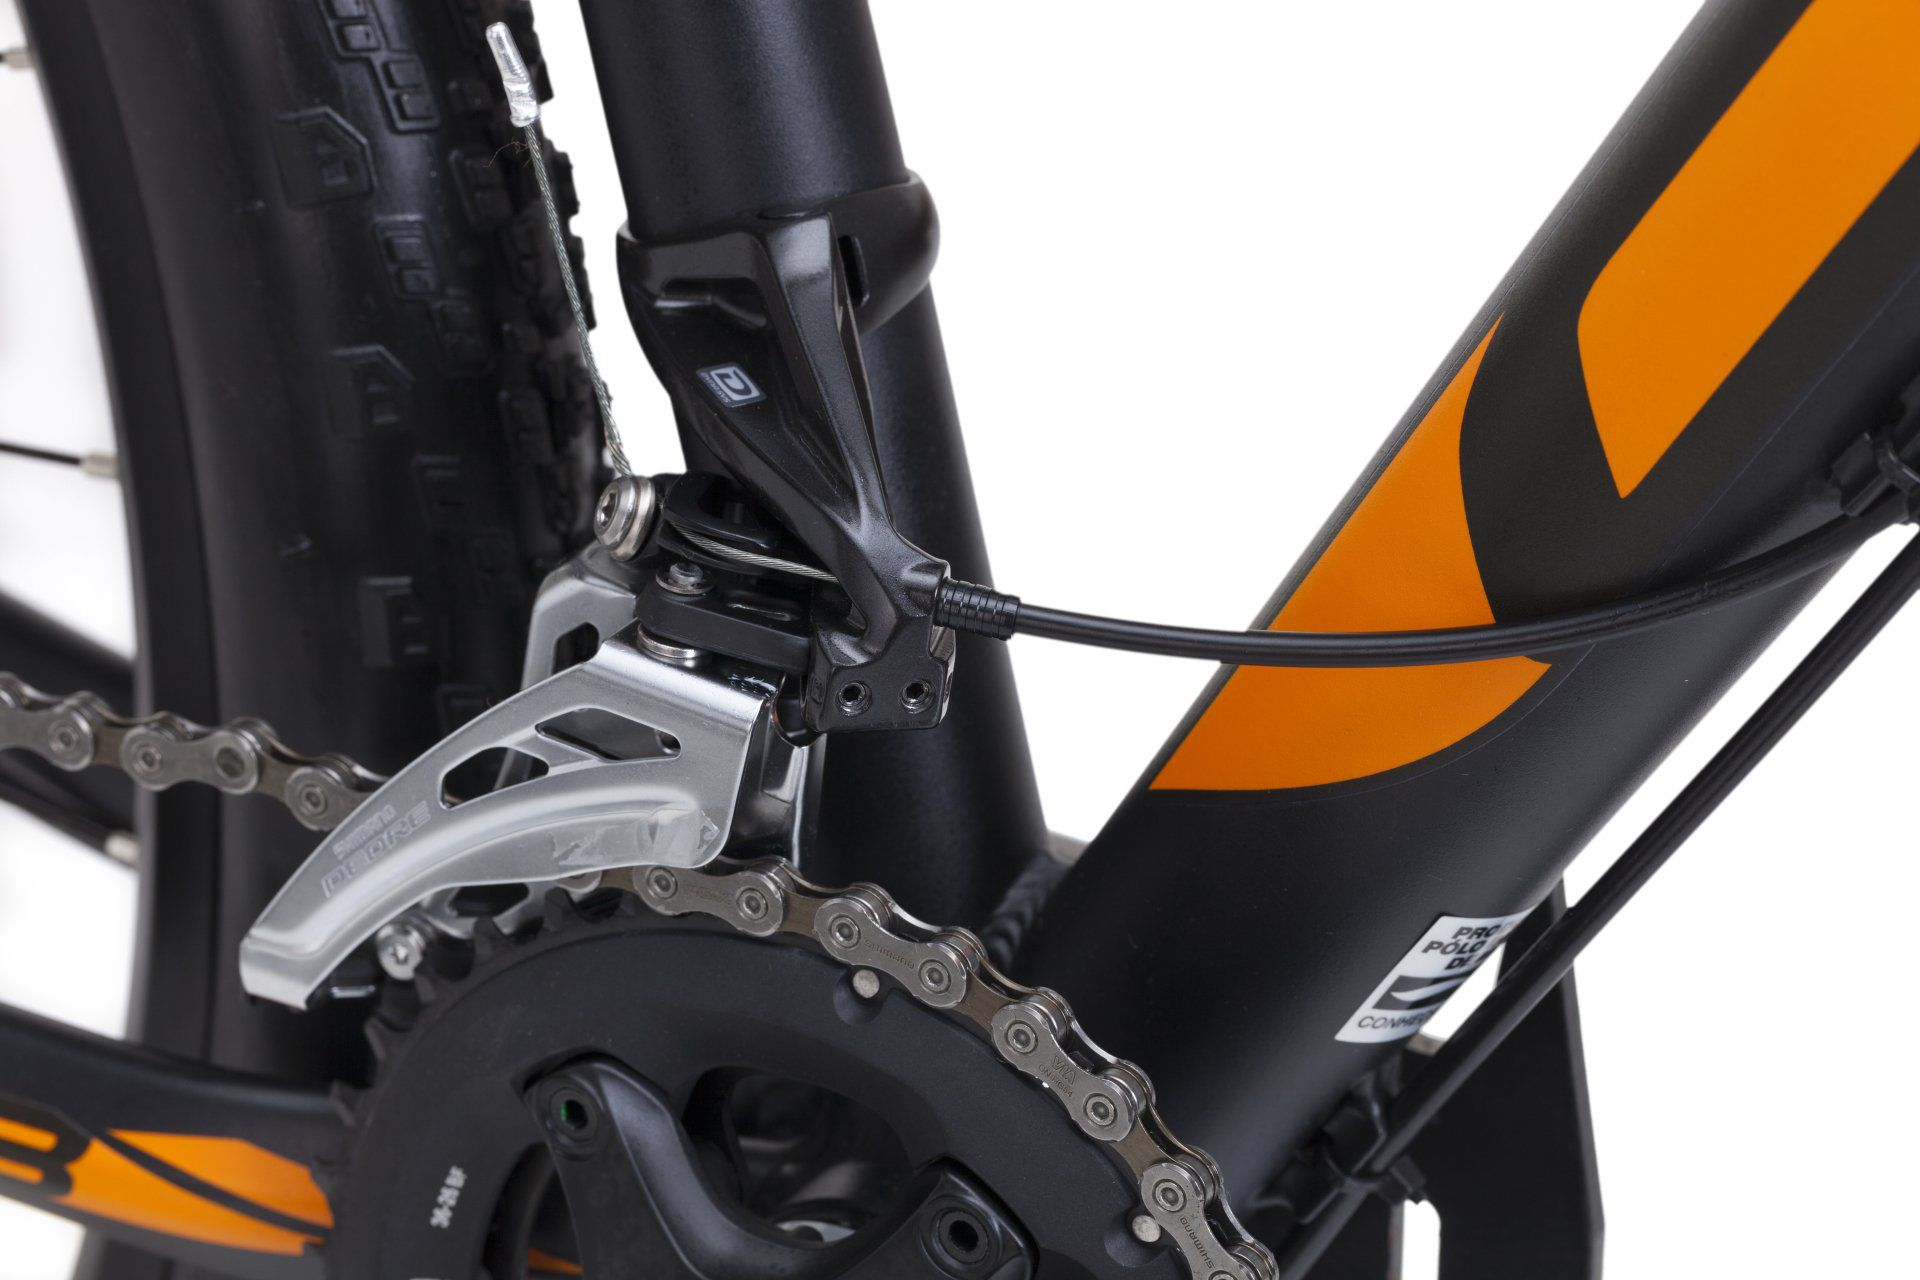 Bicicleta OGGI Big Wheel 7.3 aro 29 2018 - 20V Shimano Deore - Freio Shimano Hidráulico - Preto/Laranja + BRINDES